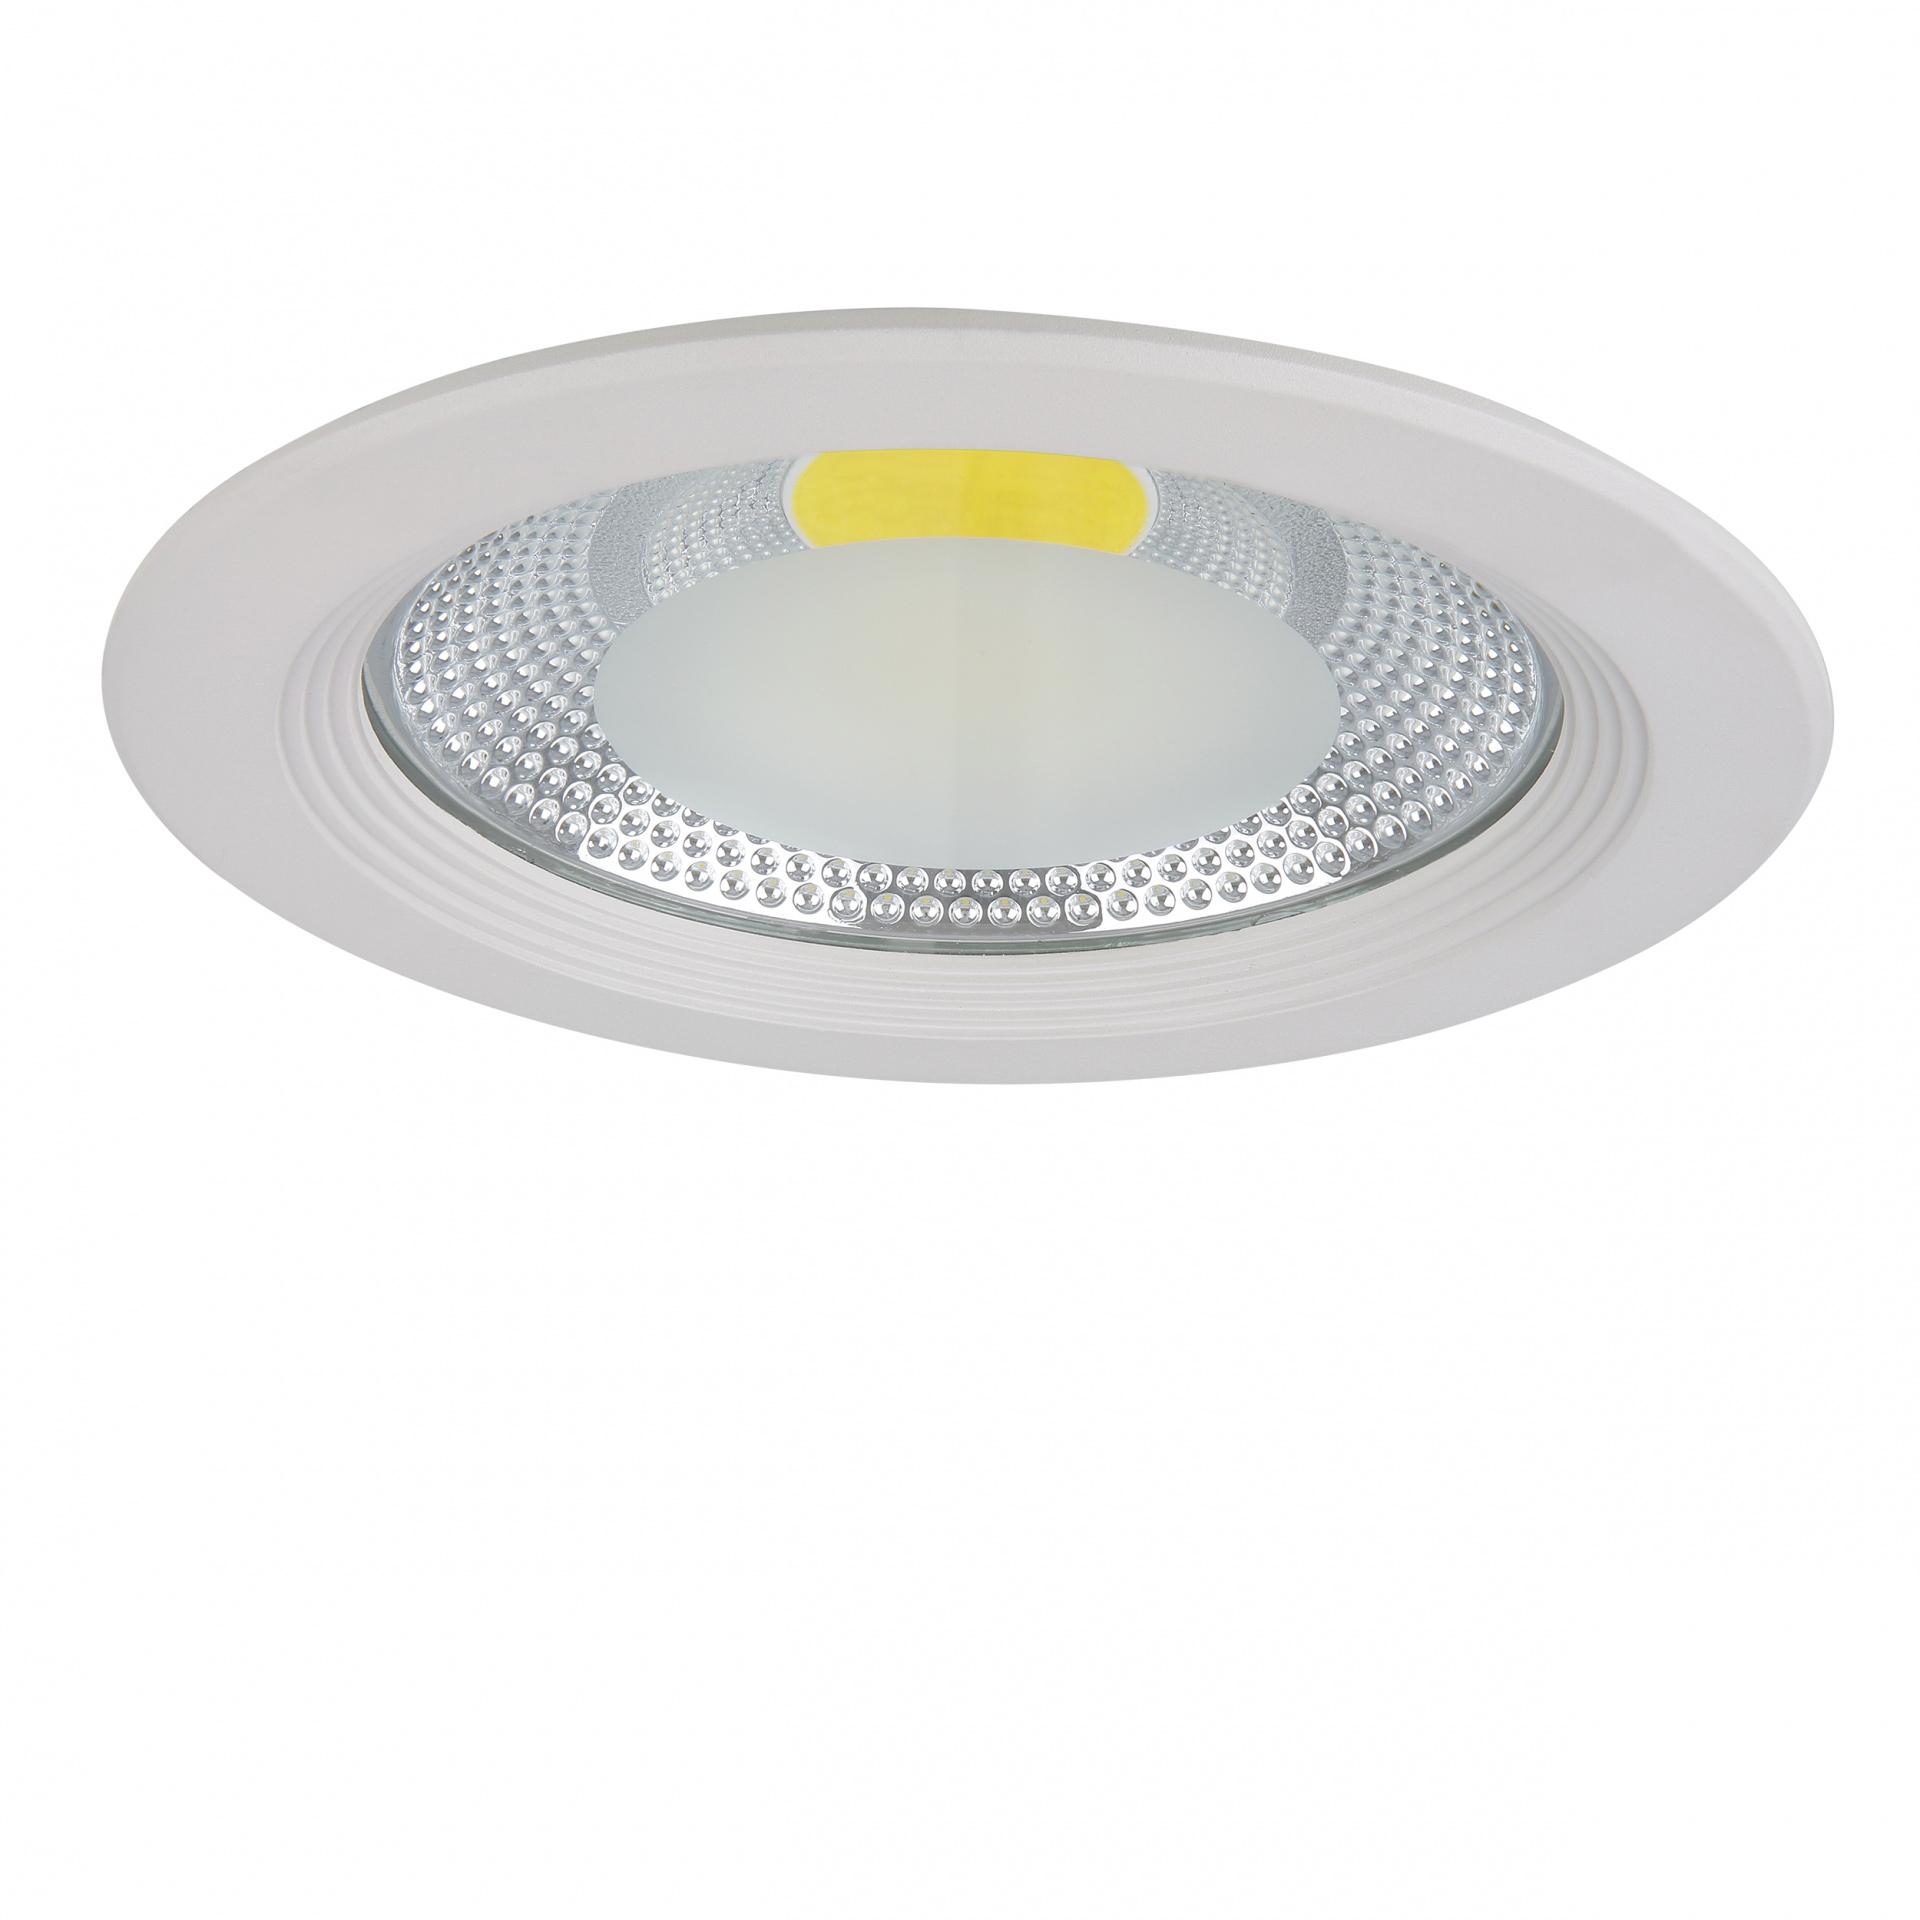 Светильник Forto LED 30W 2850LM 55G 3000K Lightstar 223302, купить в СПб, Москве, с доставкой, Санкт-Петербург, интернет-магазин люстр и светильников Starlight, фото в жизни